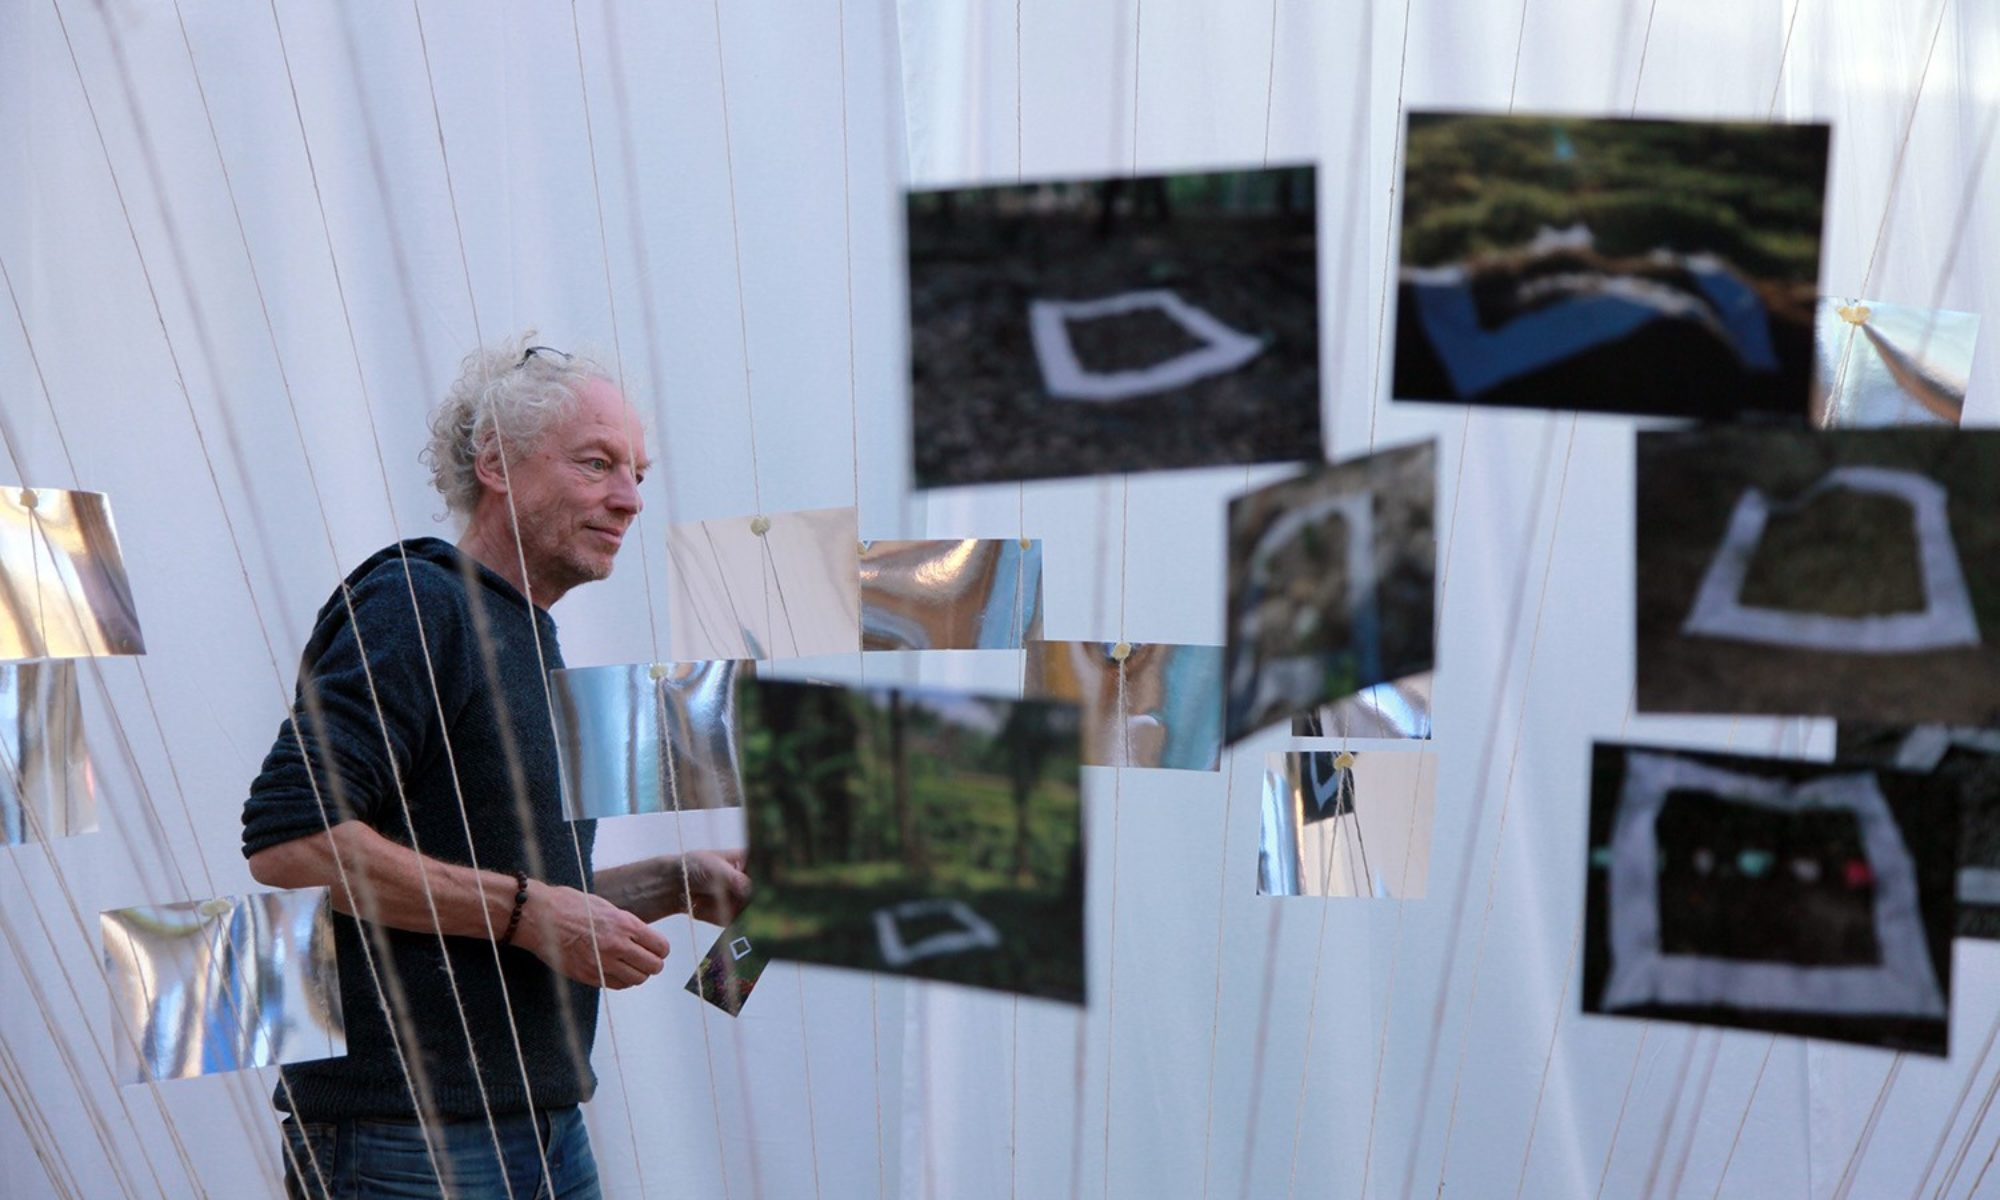 Atelier Frank Fischer